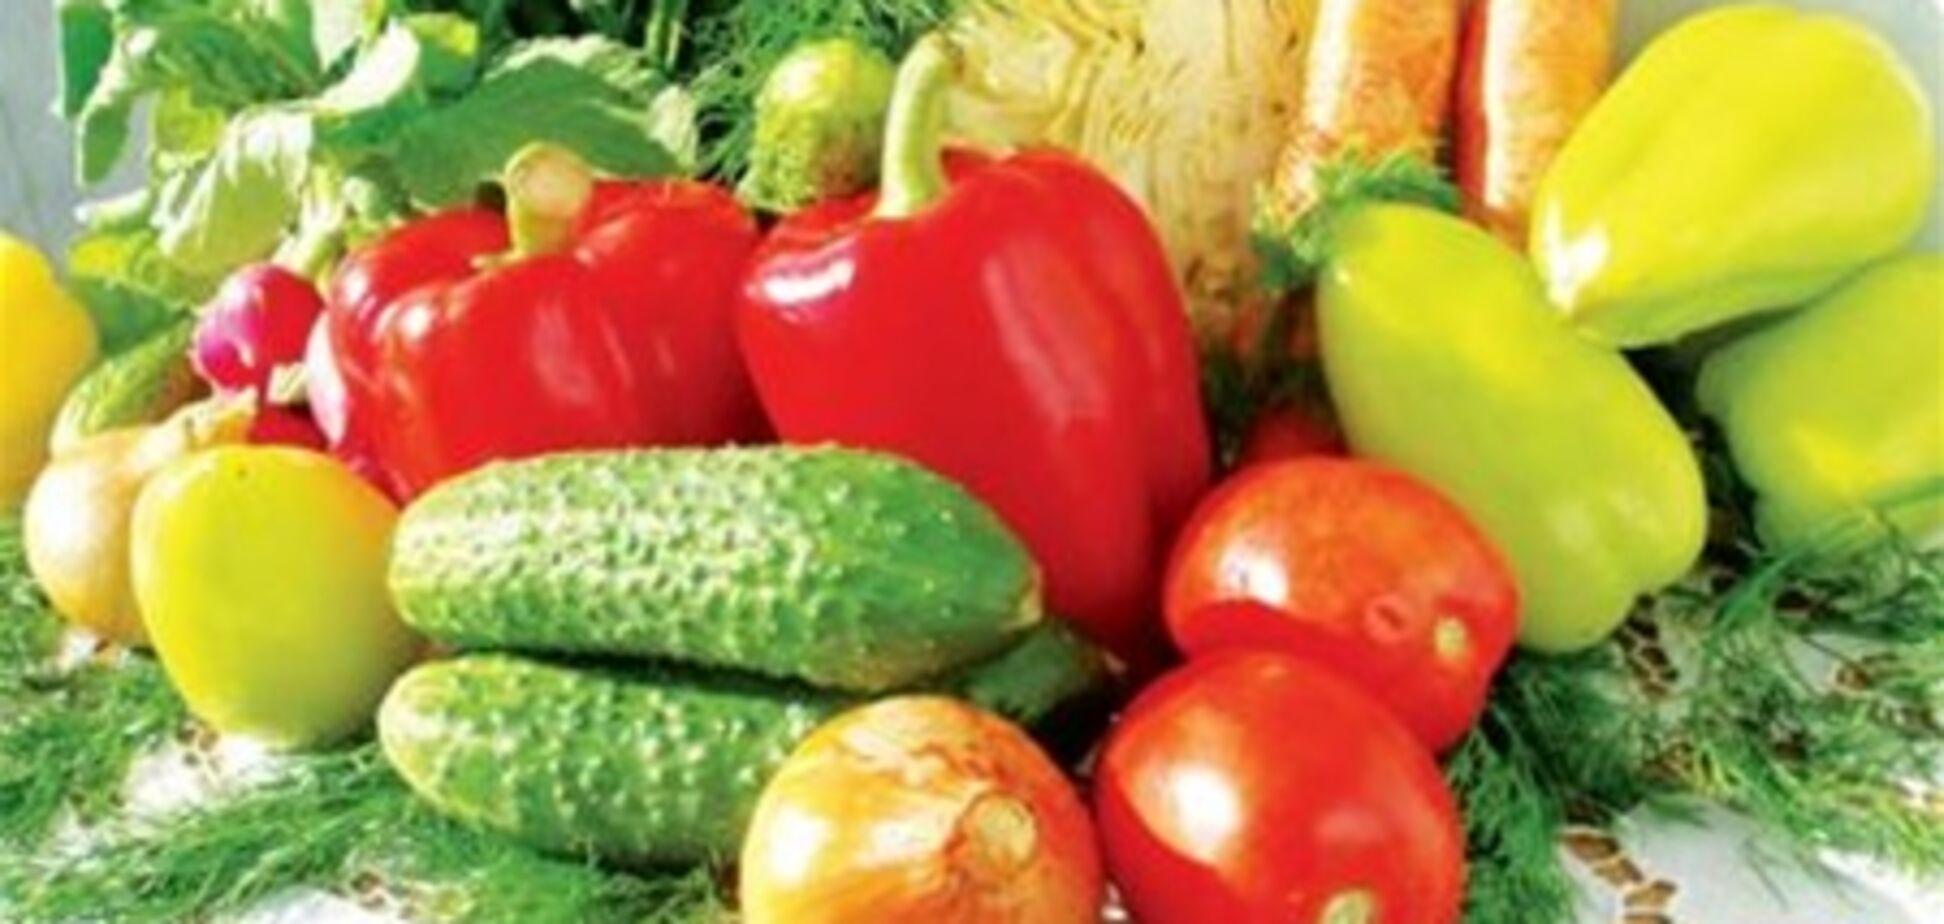 Развитие панкреатита остановят 4 овоща